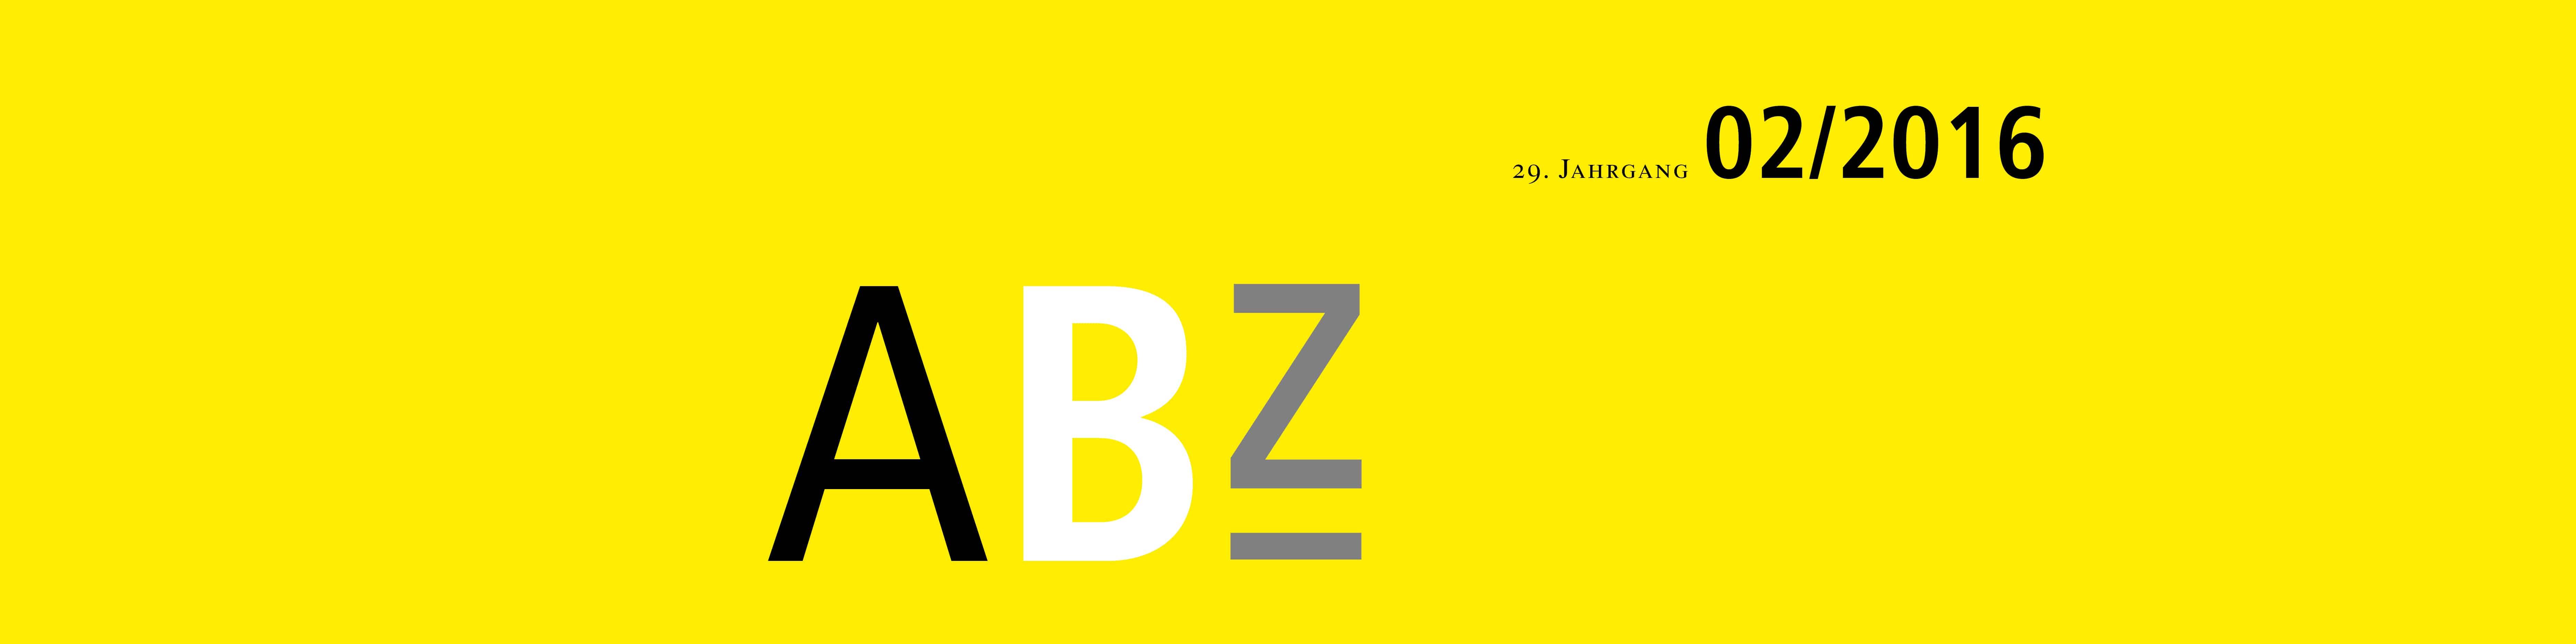 ABZ TANNER Zeitschrift Header 01/2016